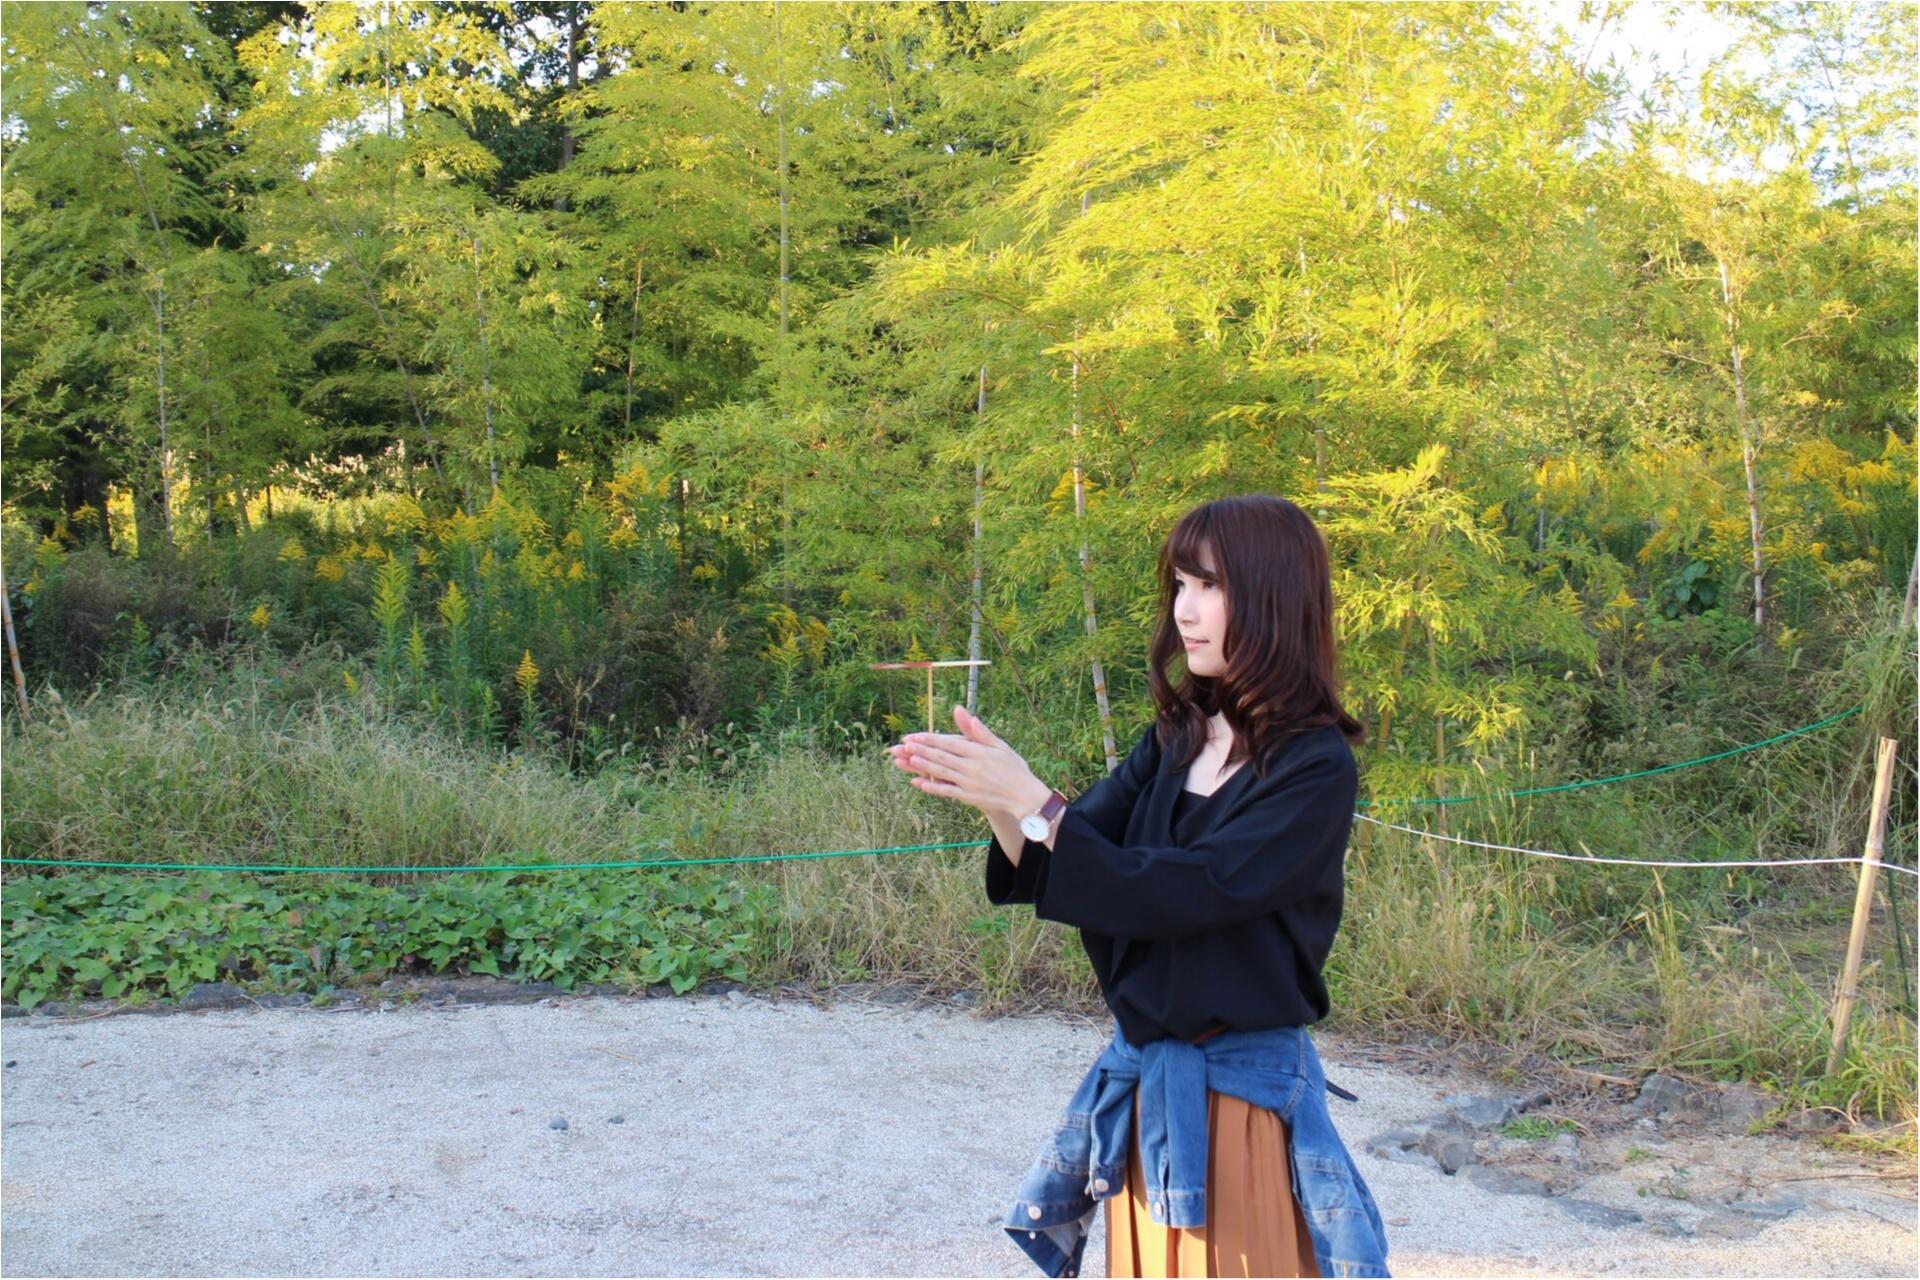 ♡ドライブにオススメ!都内から2時間弱で秋を感じられる!ひたち海浜公園にコキアを見に行こう♡_5